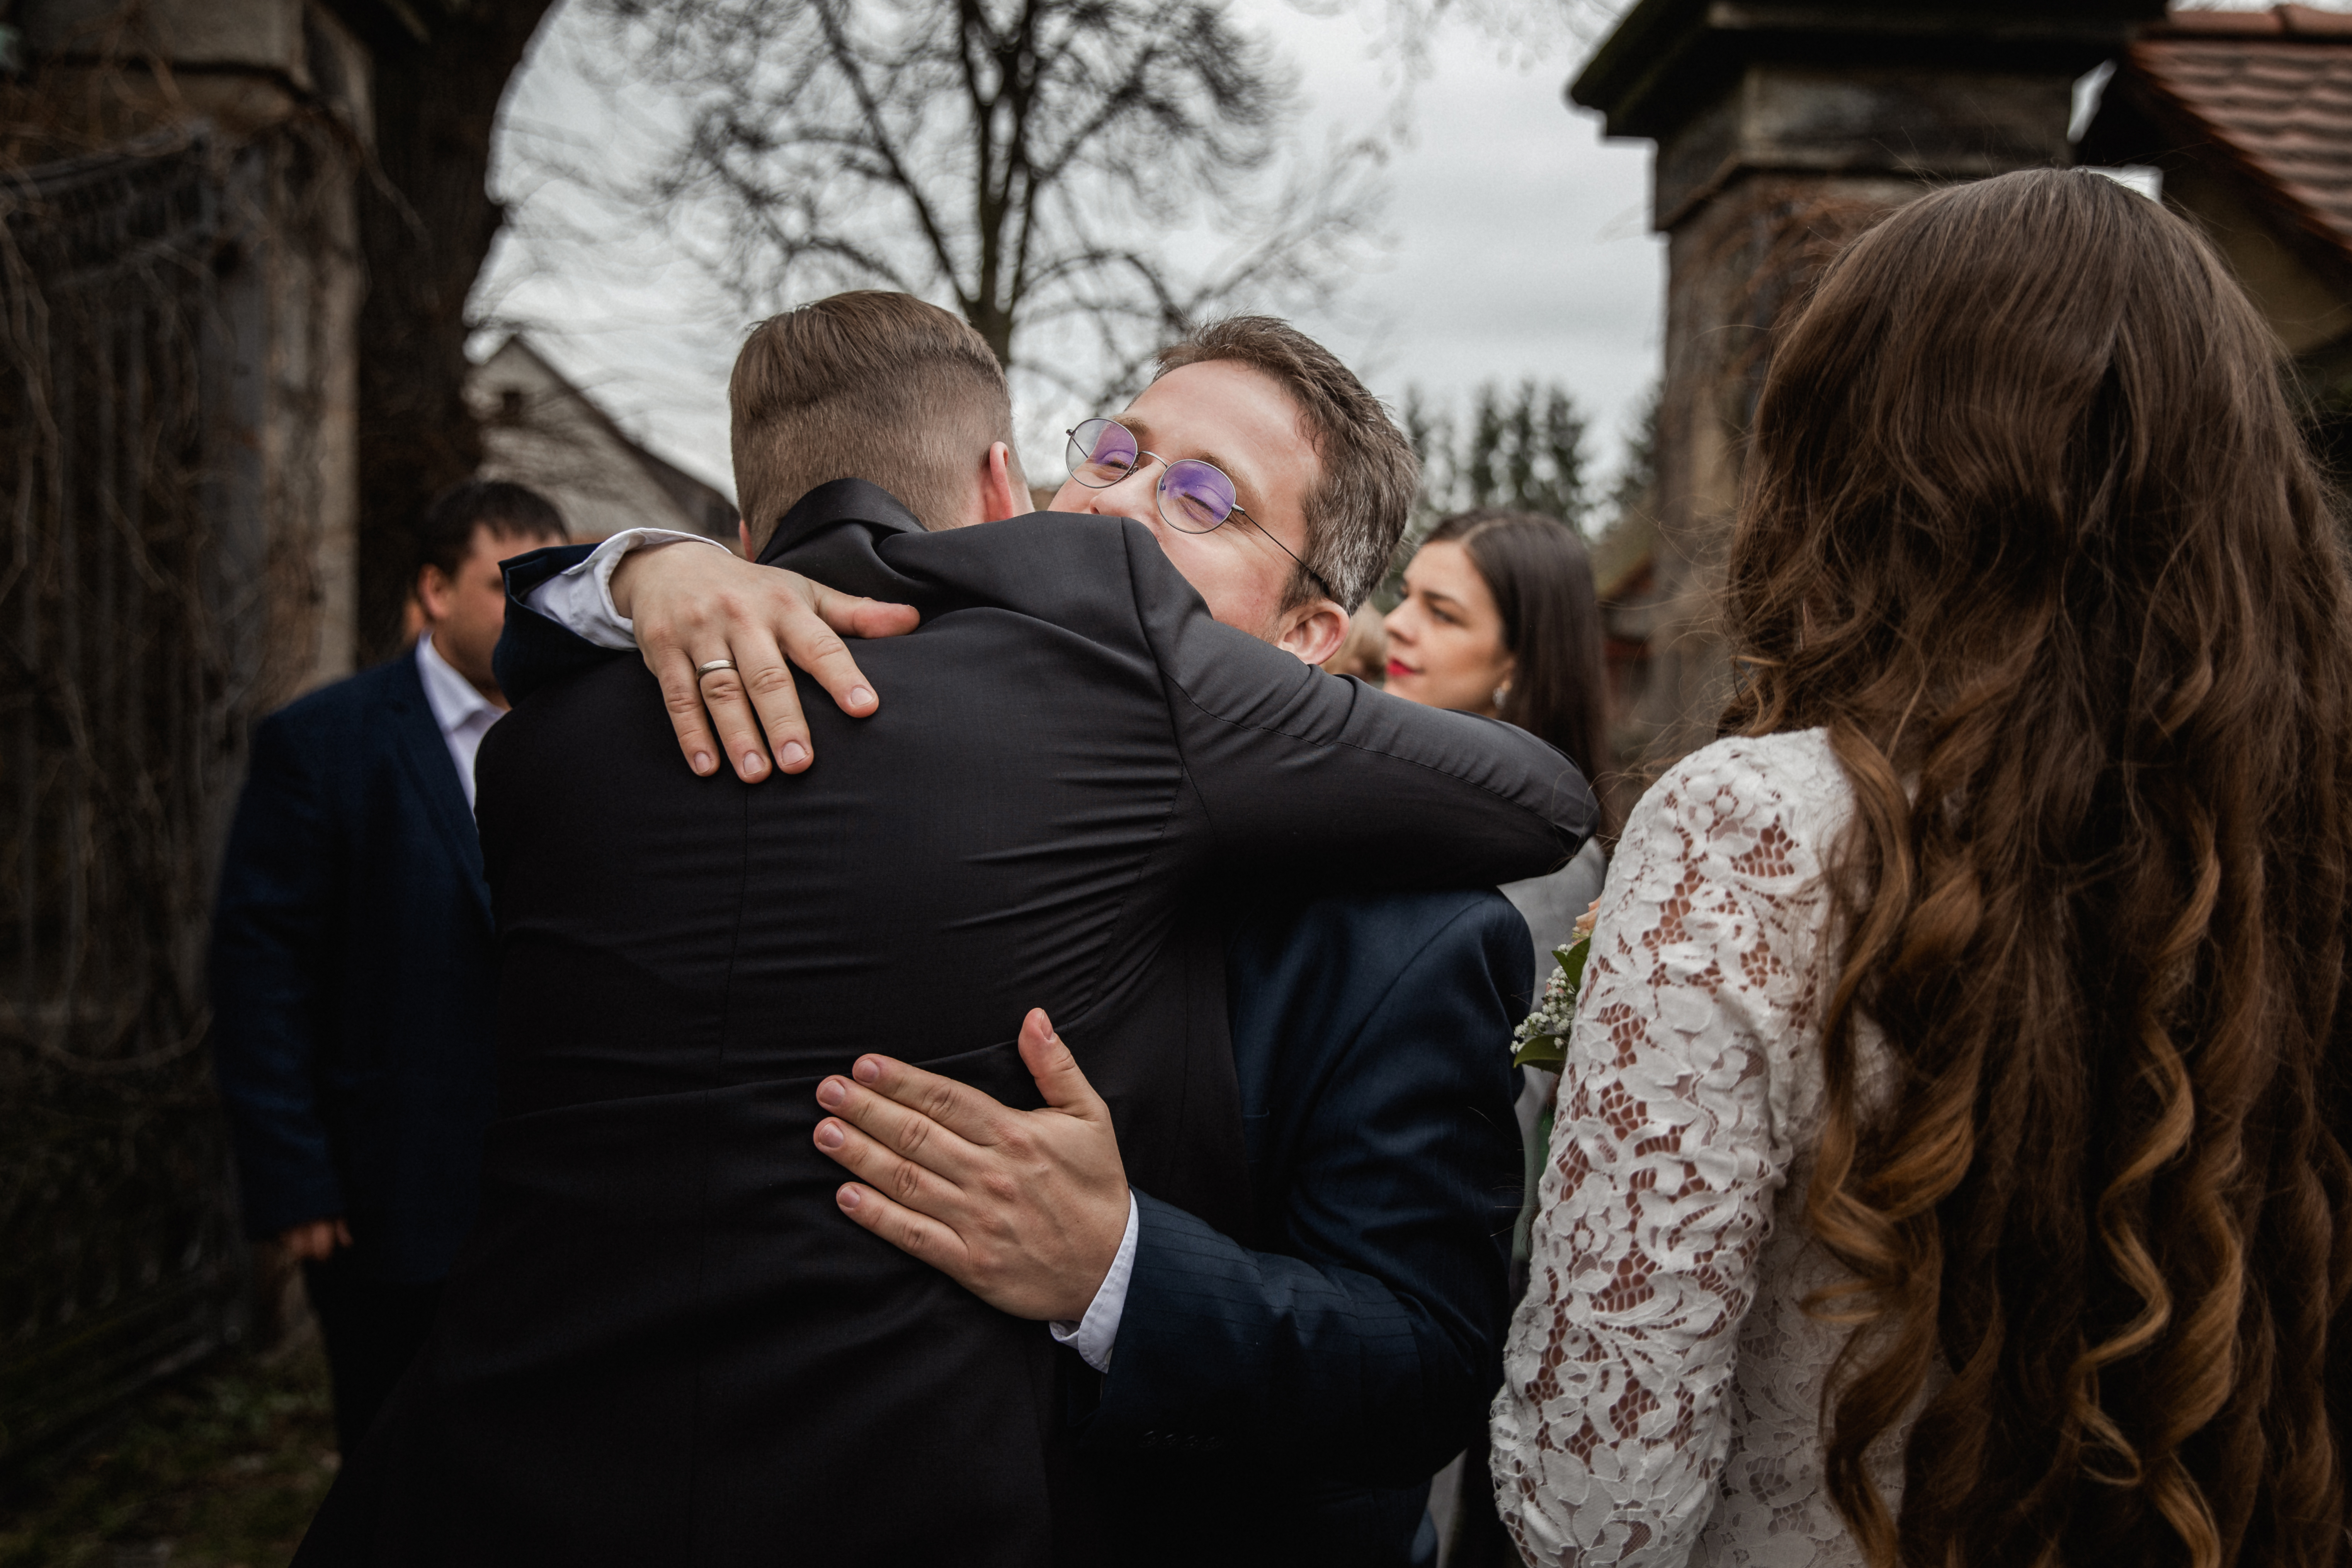 Hochzeitsfotograf-Grossgruendlach-Standesamt-Hallerschloss-Urbanerie-Stazija-und-Michael-039